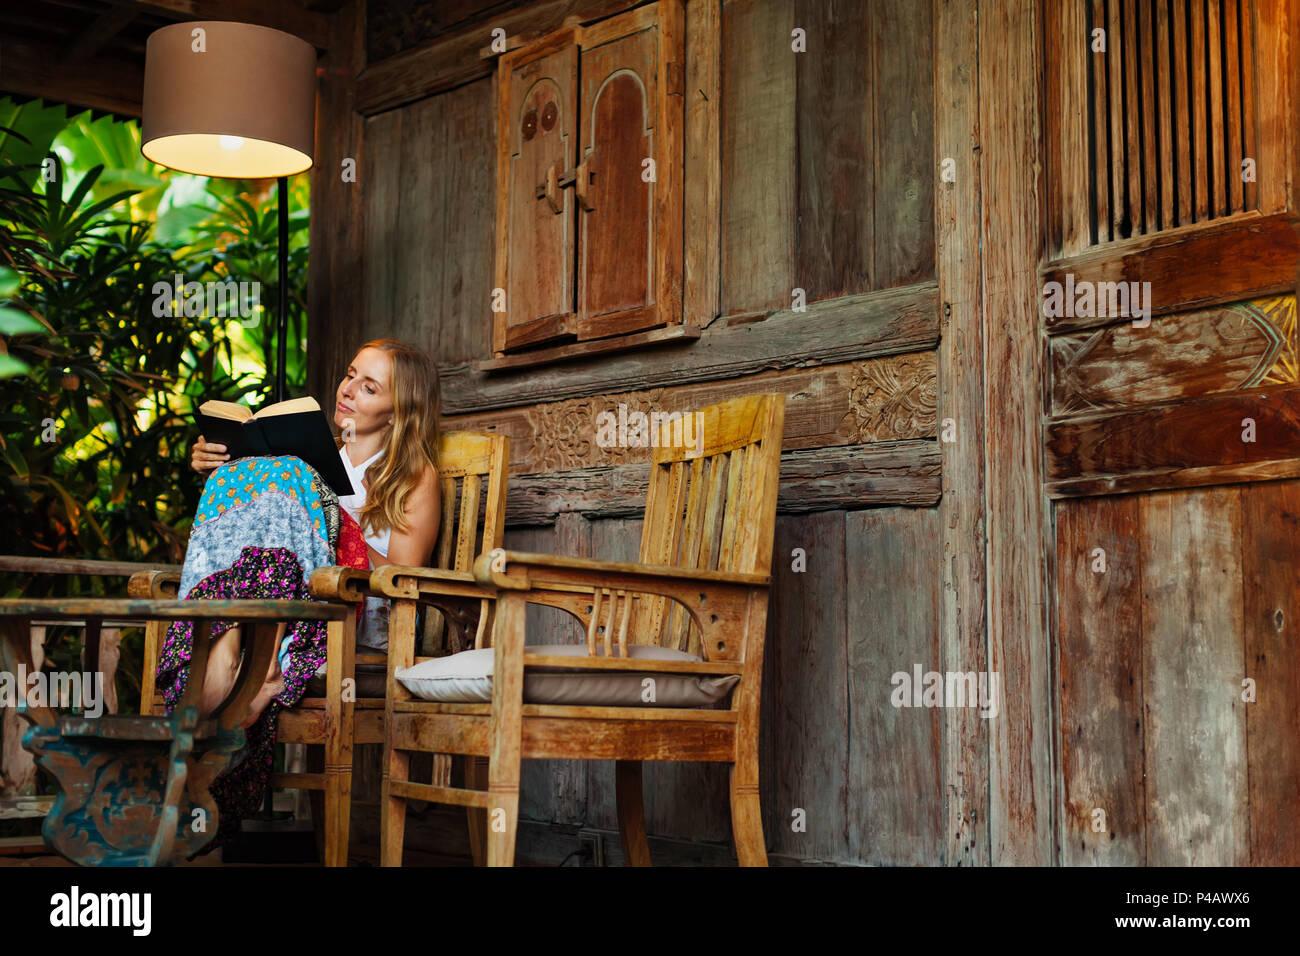 Affascinante ragazza sedersi su open-air veranda del bungalow in legno con vista sul giardino tropicale, leggere il romanzo nel libro. Giovane donna rilassante nella villa di lusso Immagini Stock